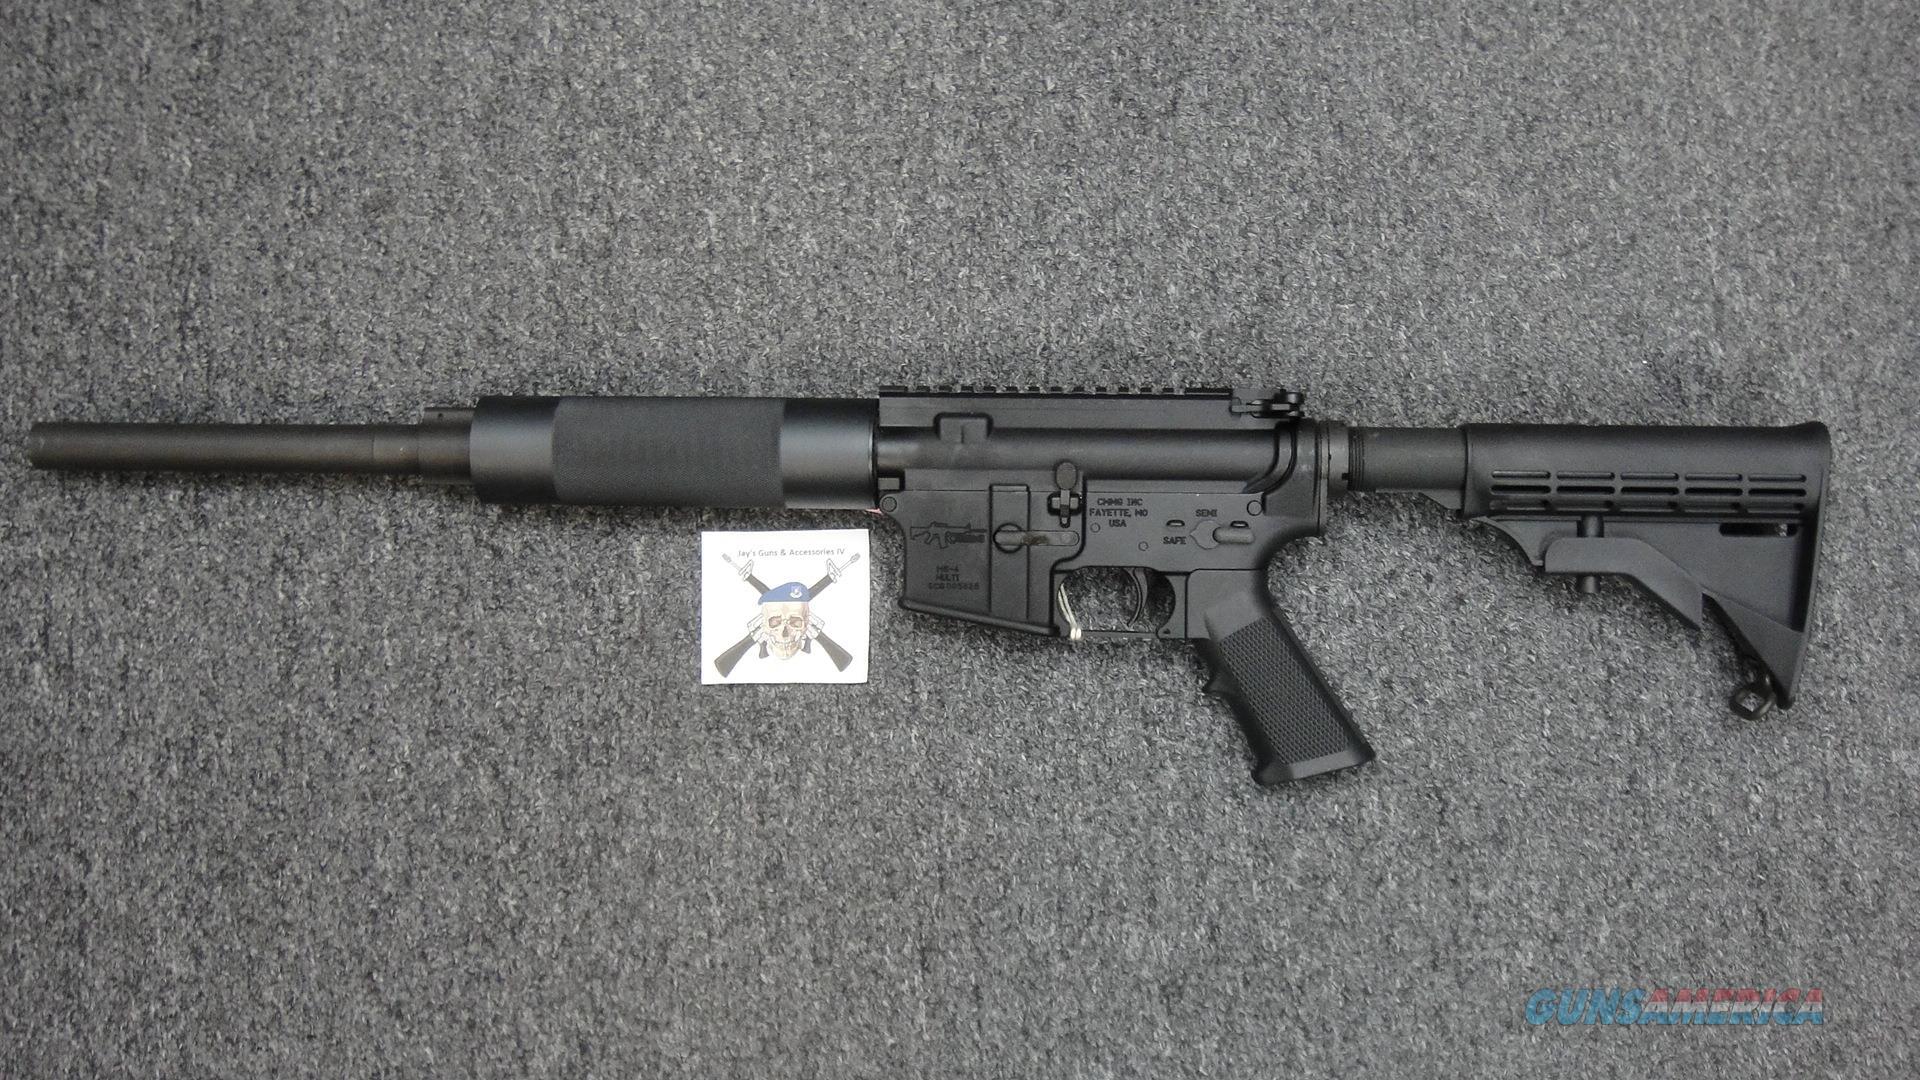 CMMG MK-4 5.56mm  Guns > Rifles > CMMG > CMMG Rifle